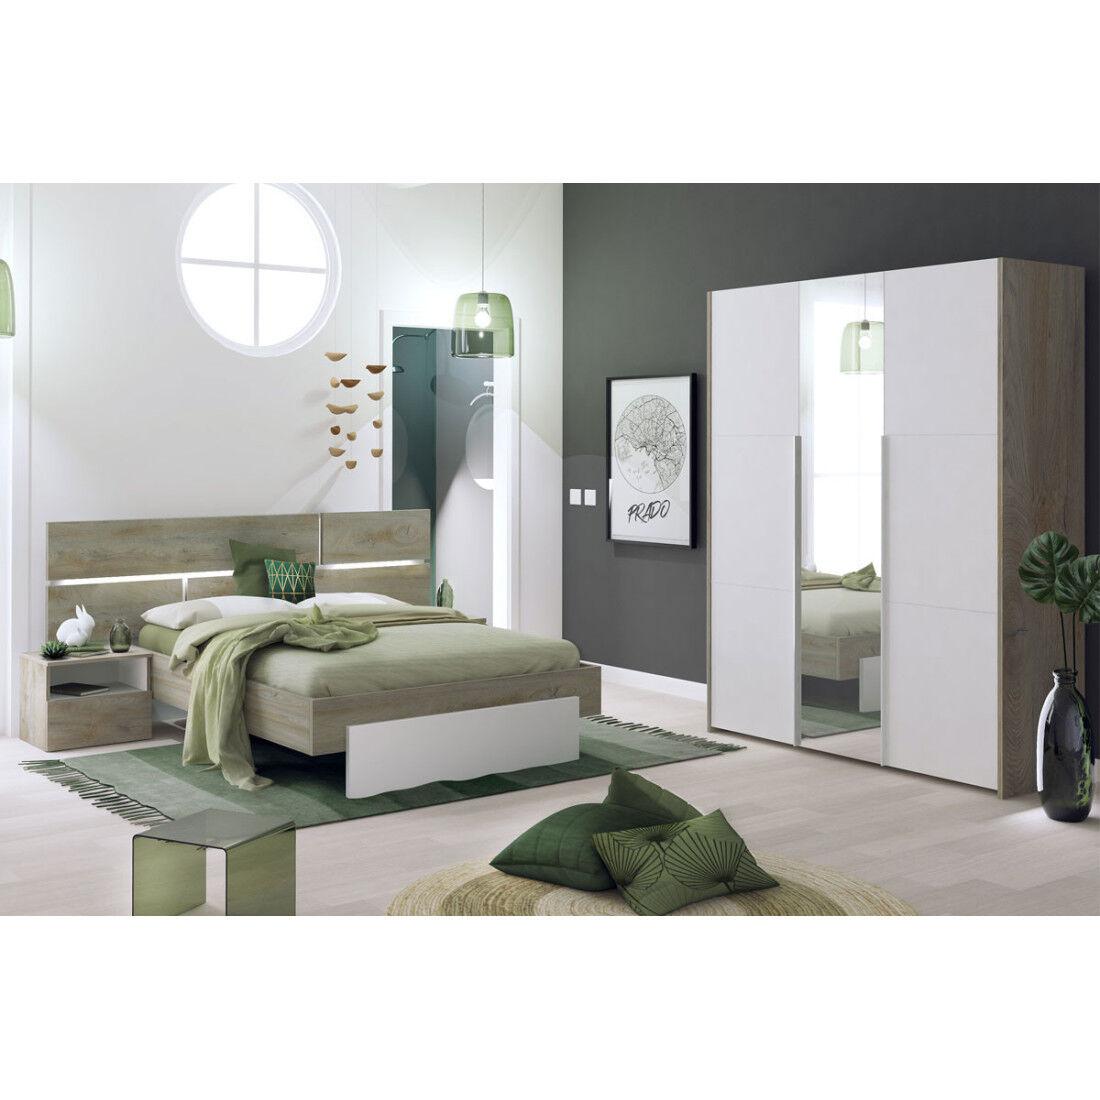 Tousmesmeubles Chambre Adulte Complète (140*190) - FLORINE n°1 - L 220 x l 198 x H 40/102